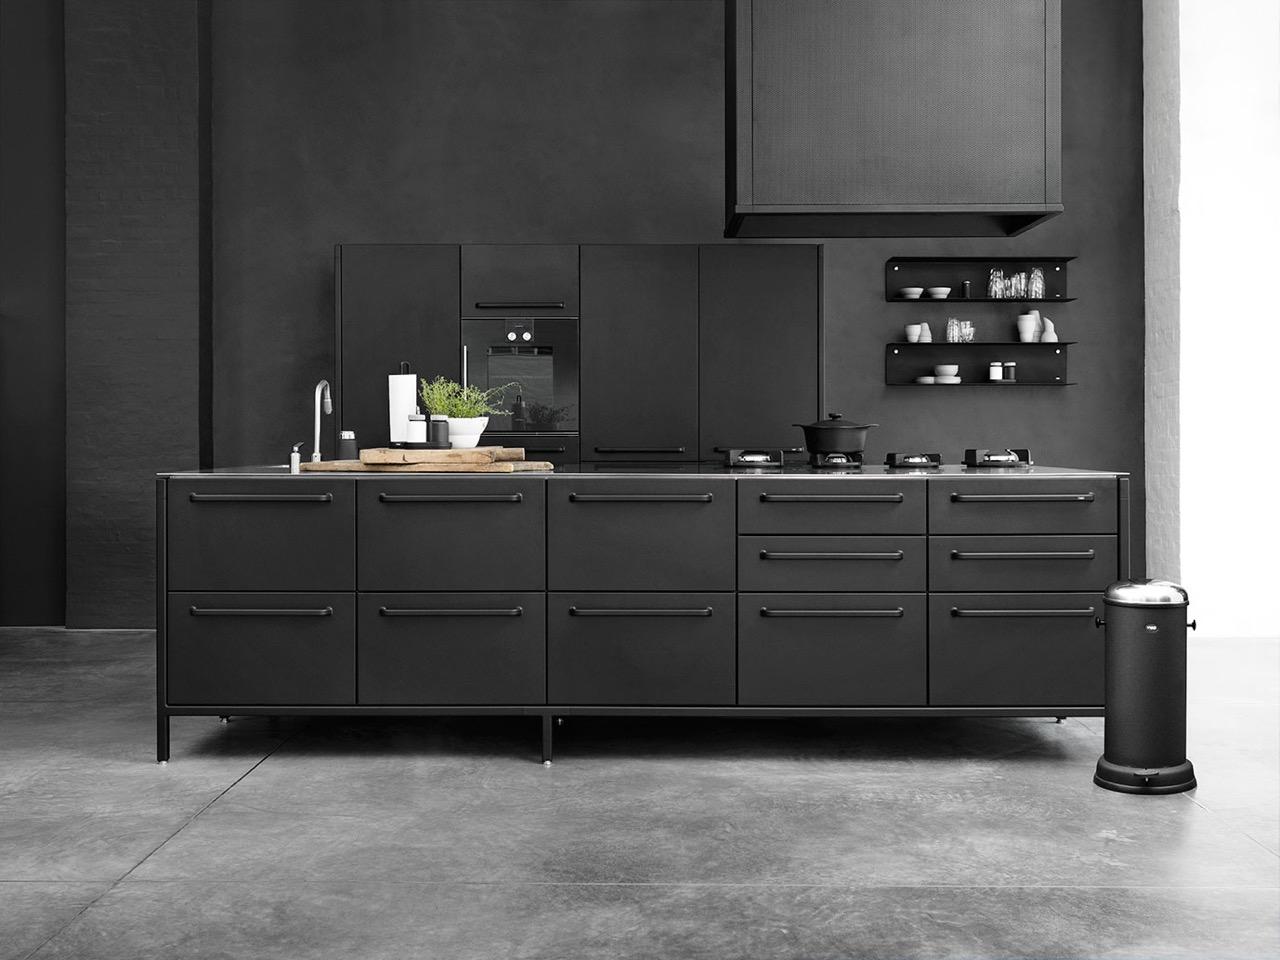 Pitt cooking beleef de kooksensatie nieuws startpagina voor keuken idee n uw - Zwarte houten keuken ...